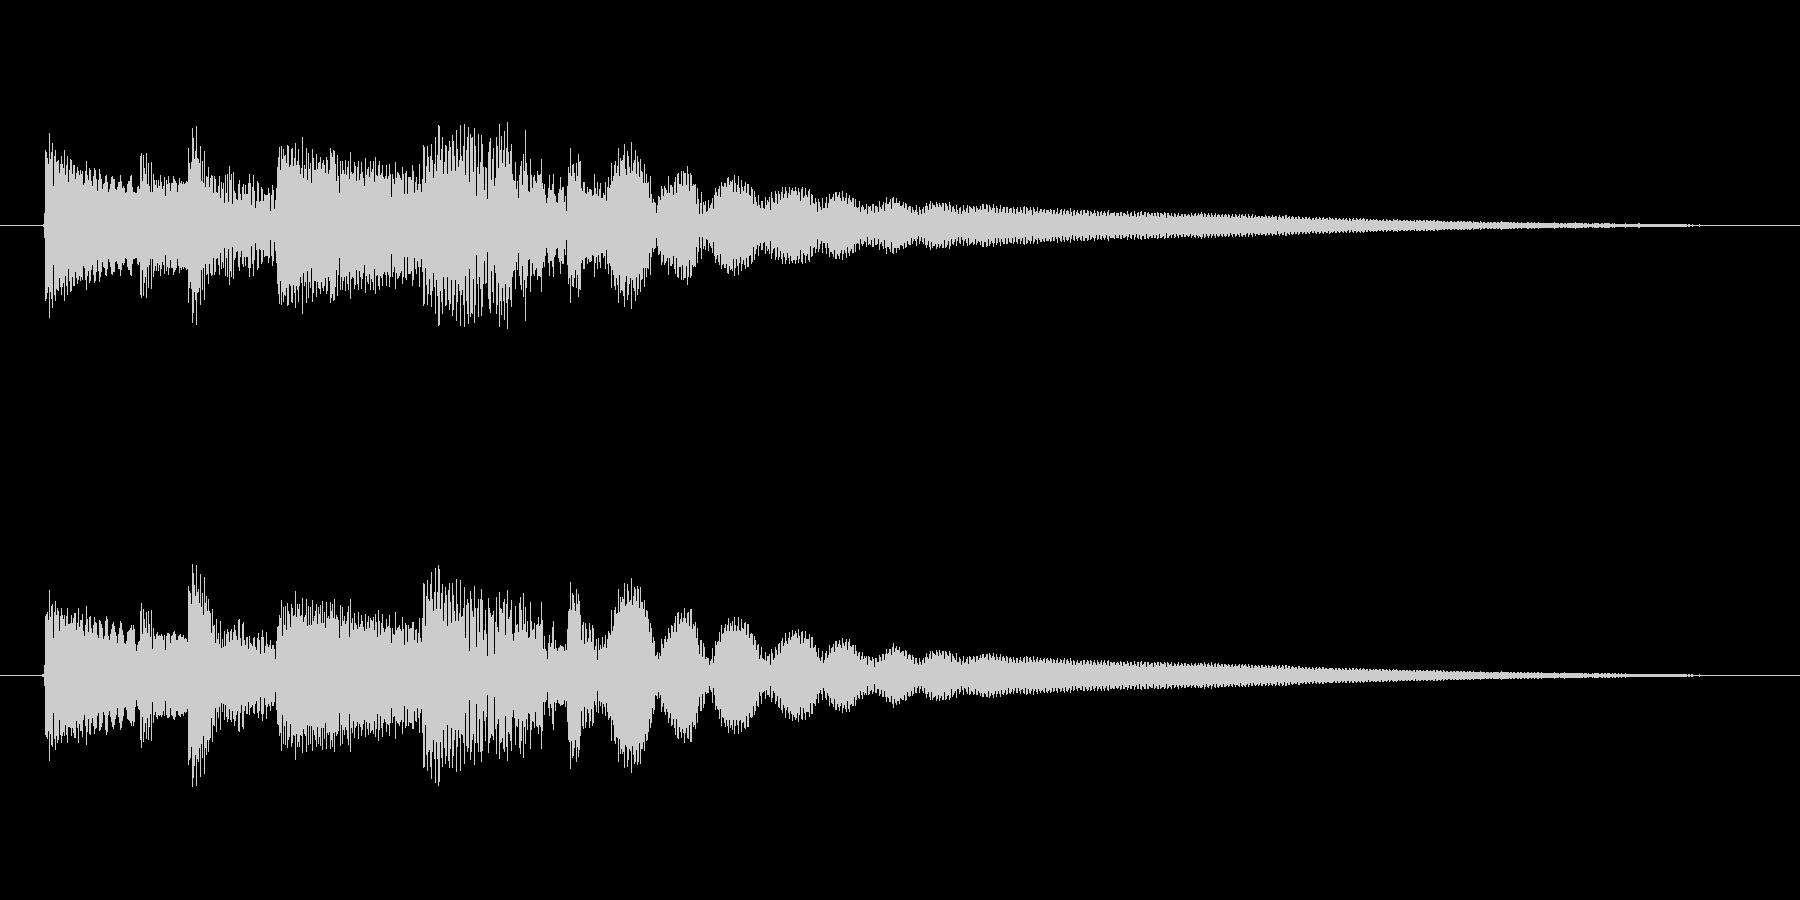 アコースティックギターのジングルの未再生の波形